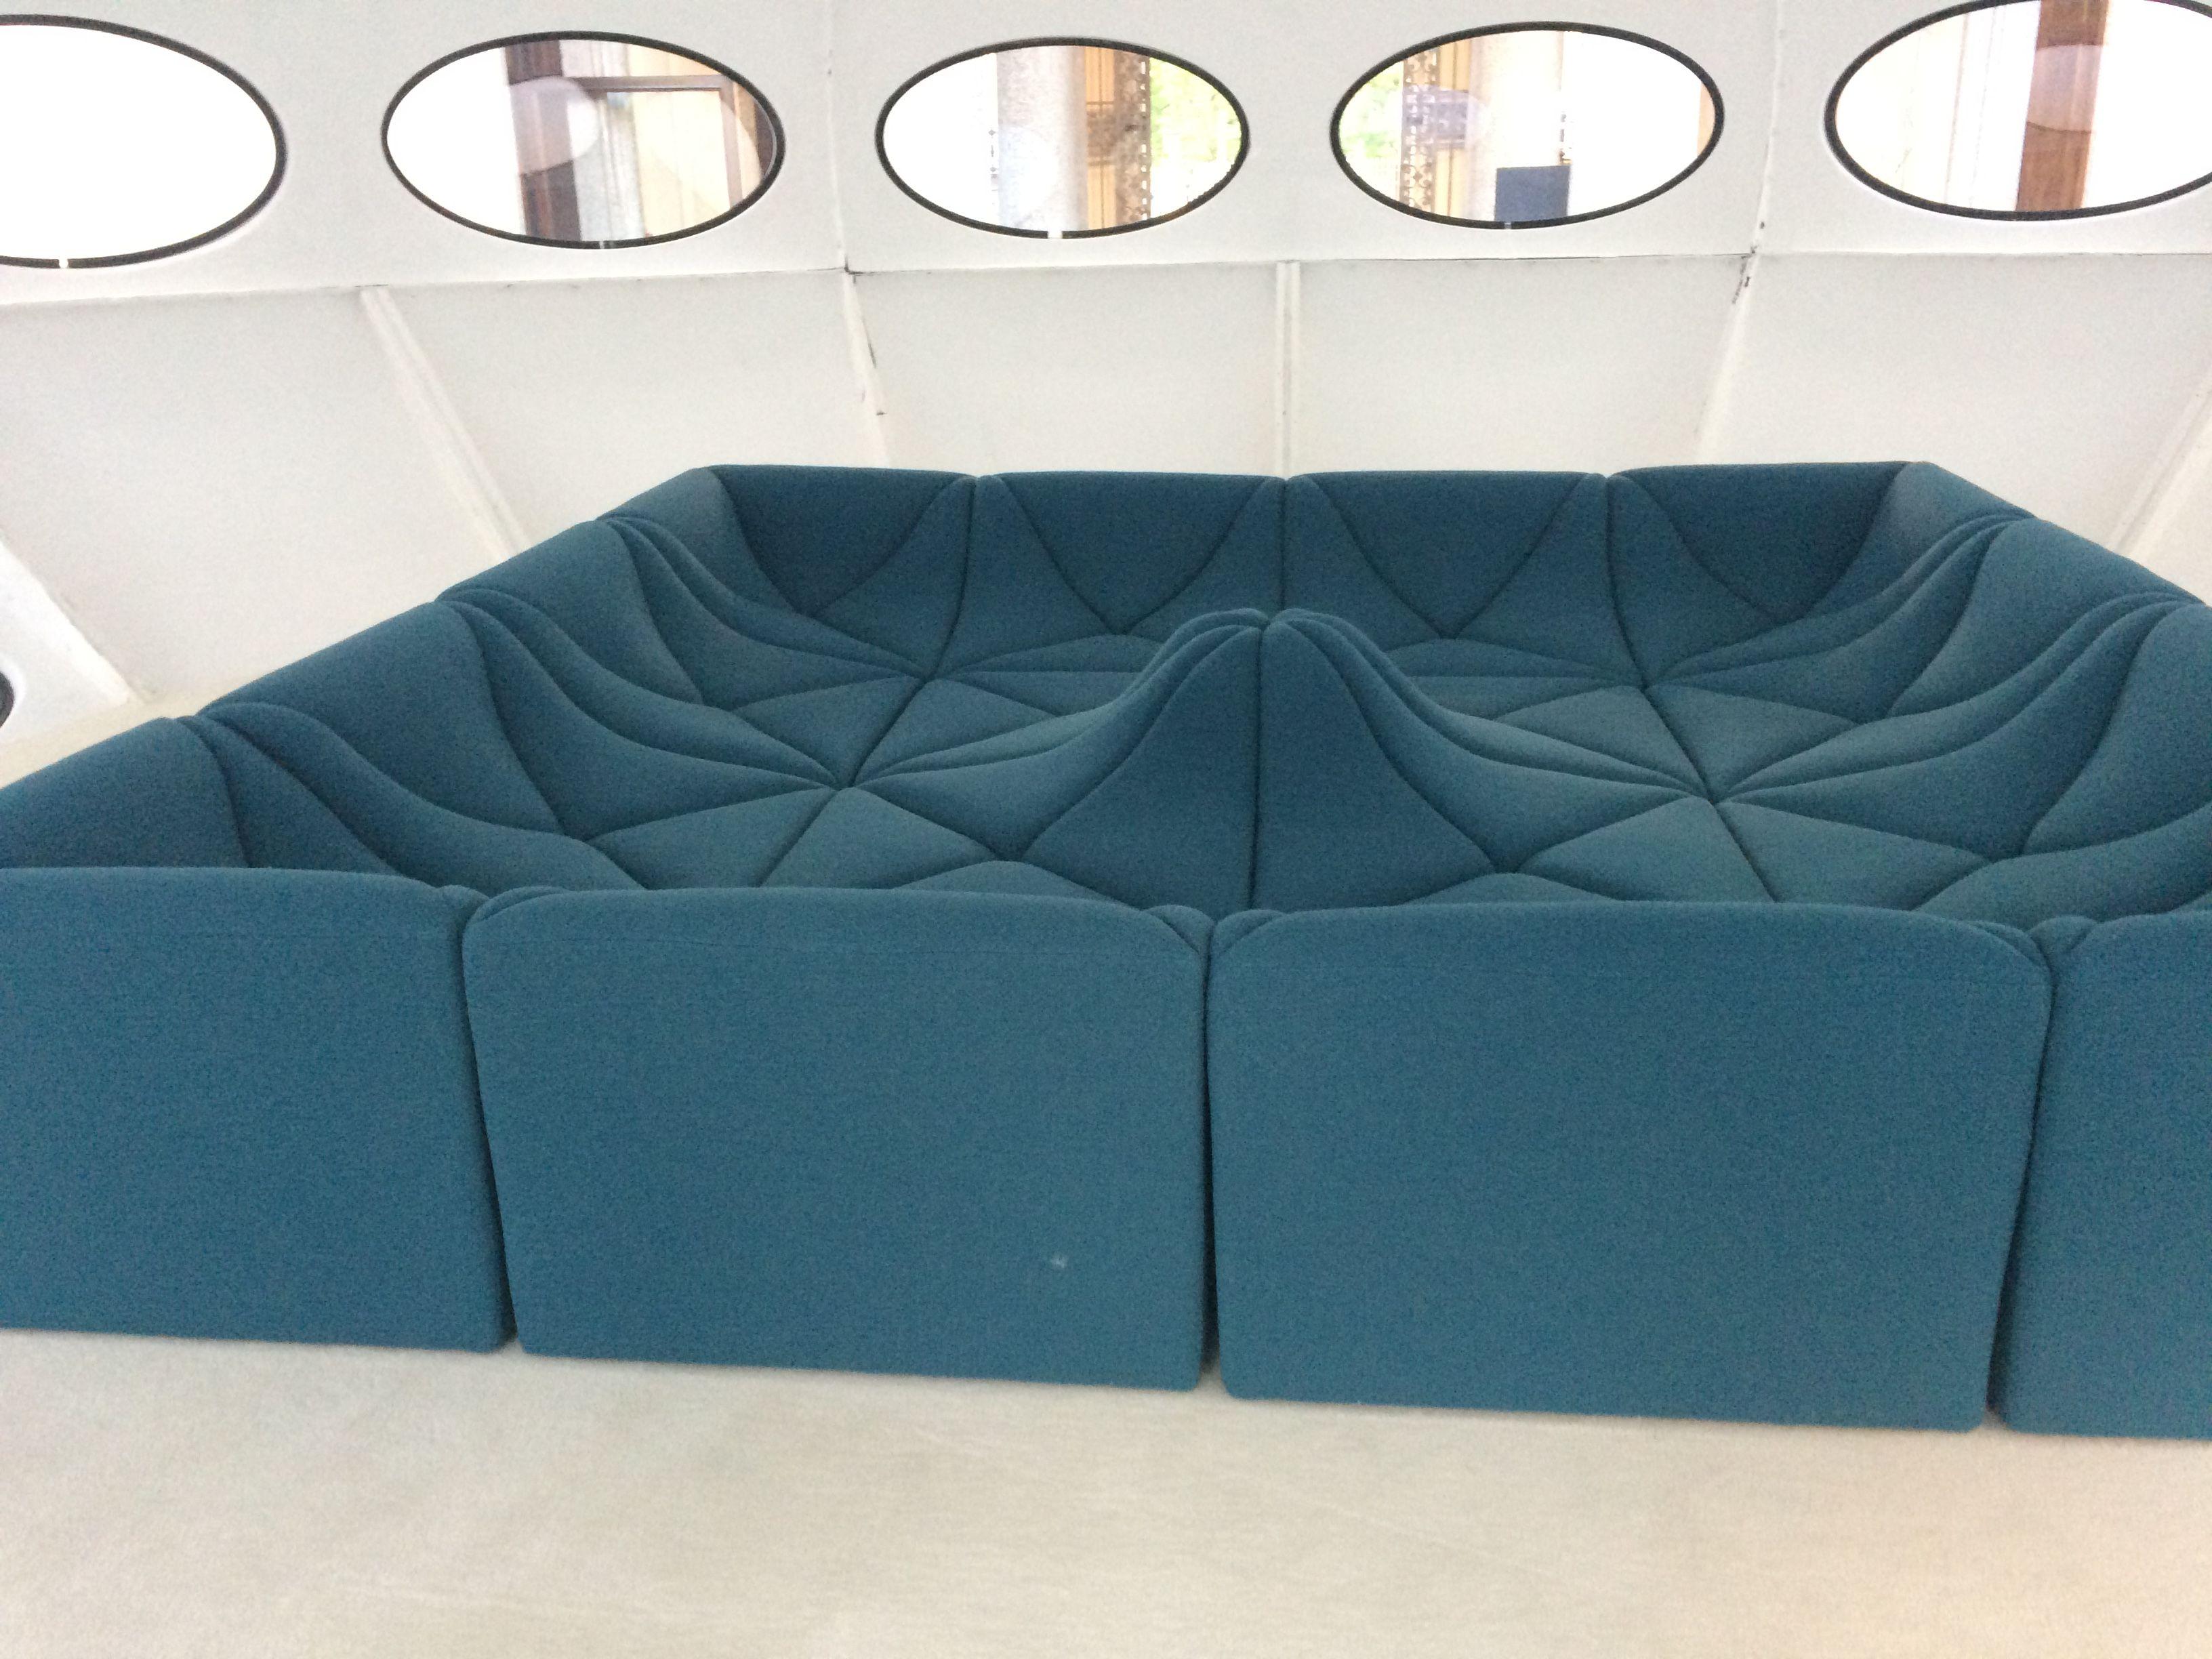 Tolle Classy Design Sofa 3 Teilig Zeitgenössisch - Die Designideen ...